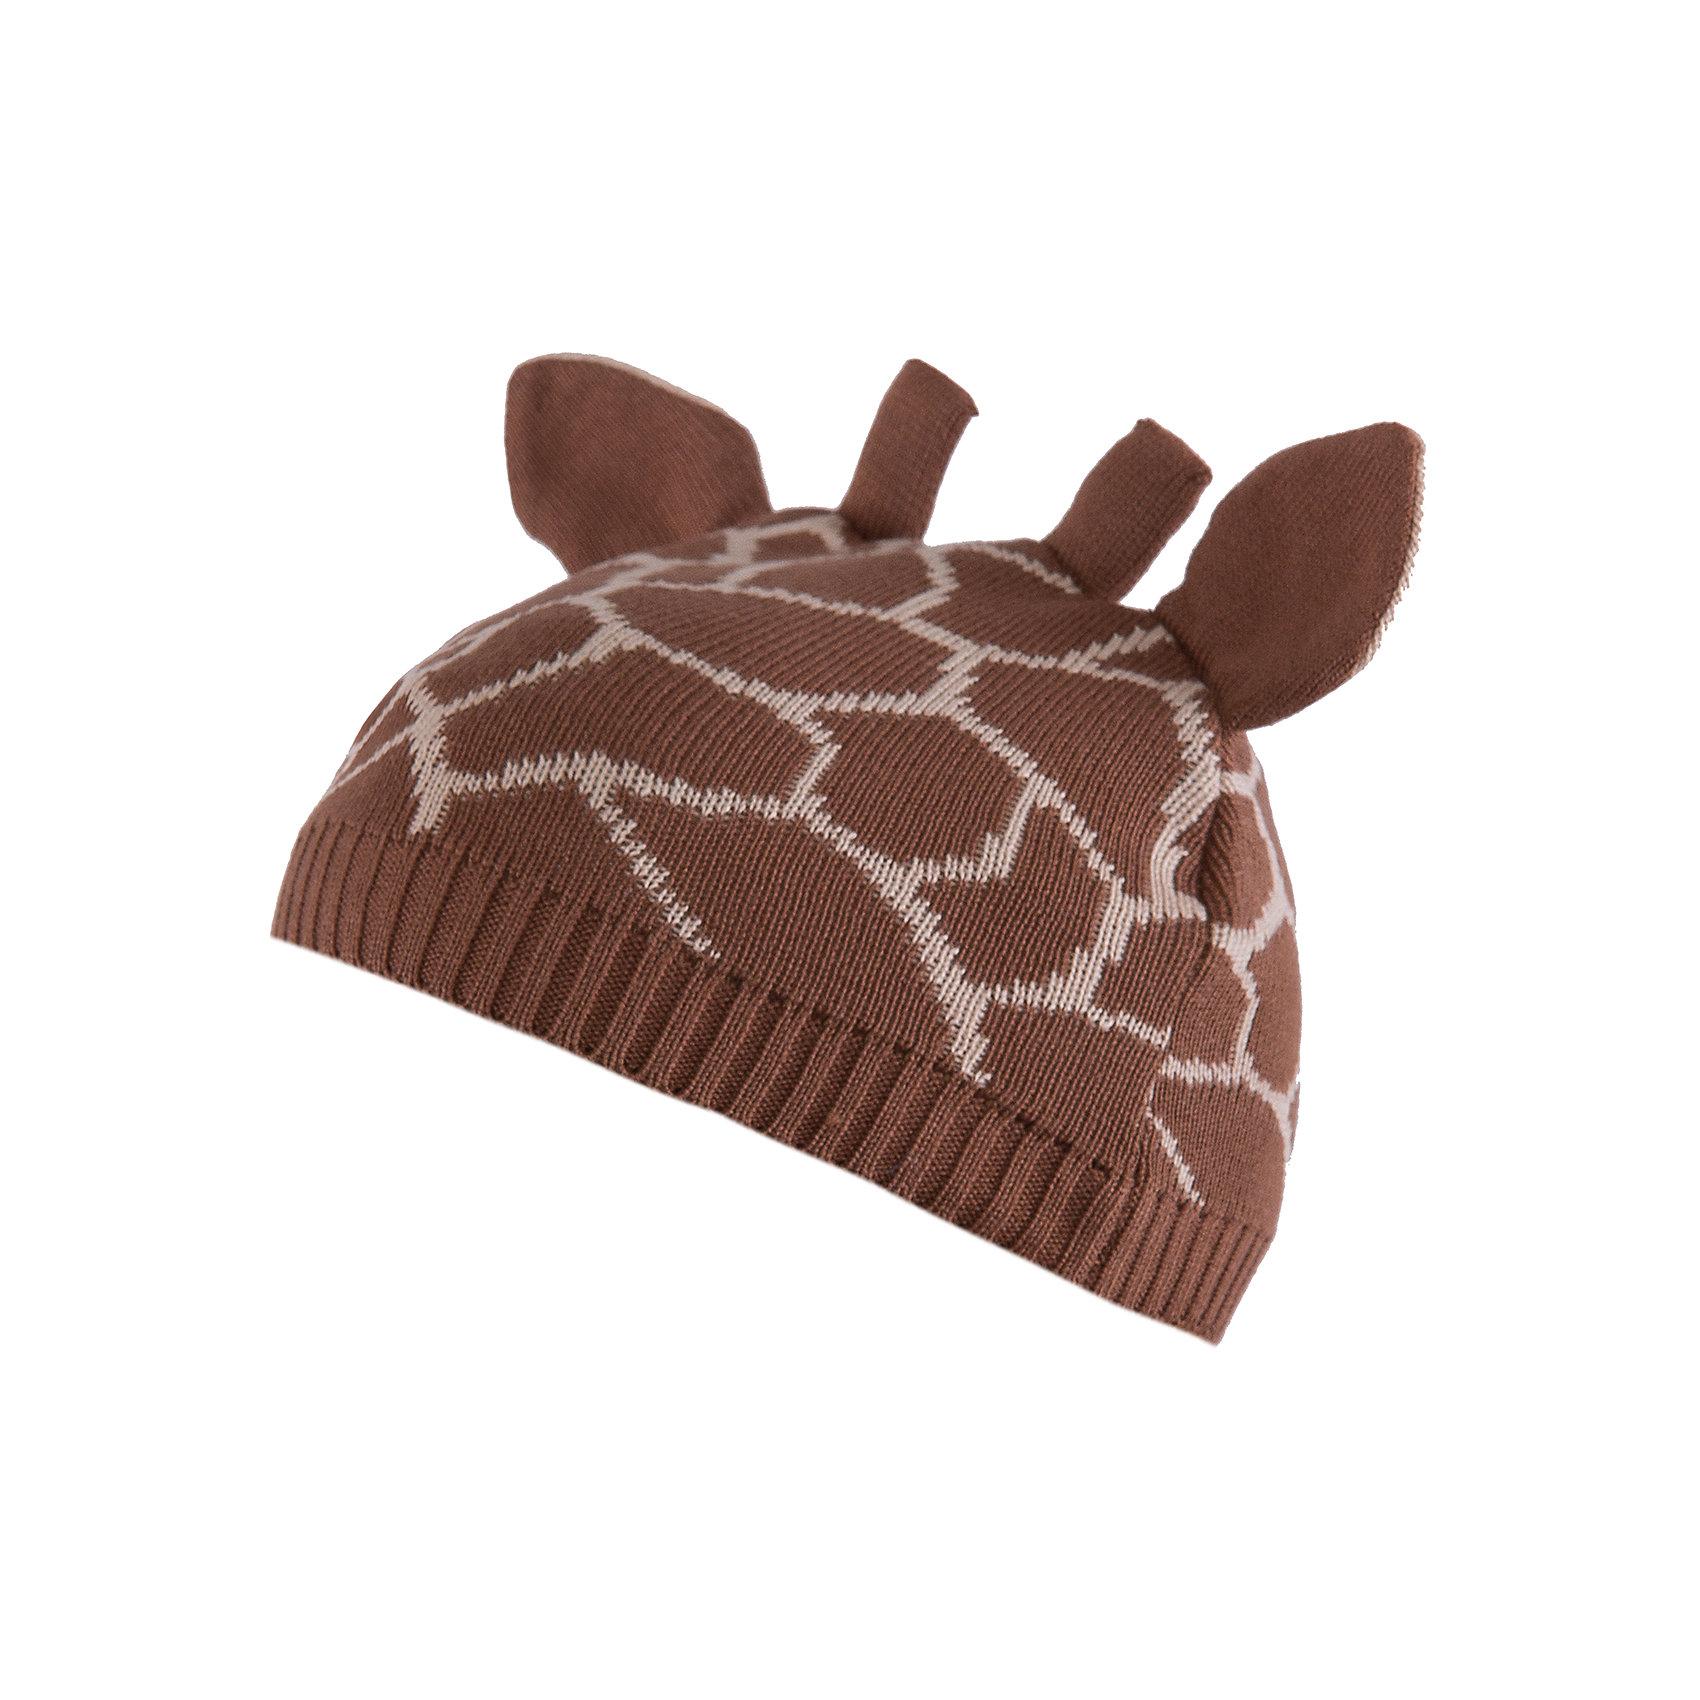 Шапка АртельШапочки<br>Шапка от торговой марки Артель <br><br>Мягкая теплая шапка отлично смотрится на детях и комфортно сидит. Оригинальный дизайн делает ребенка еще более милым. Изделие выполнено из качественных материалов.<br>Одежда от бренда Артель – это высокое качество по приемлемой цене и всегда продуманный дизайн. <br><br>Особенности модели: <br>- цвет — коричневый; <br>- украшена рожками ушками как у жирафа и соответствующим принтом; <br>- натуральный хлопок с добавкой пана. <br><br>Дополнительная информация: <br><br>Состав: верх - 50% хлопок, 50% пан;<br>Подкладка - 100% хлопок.<br><br>Температурный режим: <br>от -10 °C до +10 °C <br><br>Шапку Артель (Artel) можно купить в нашем магазине.<br><br>Ширина мм: 89<br>Глубина мм: 117<br>Высота мм: 44<br>Вес г: 155<br>Цвет: коричневый<br>Возраст от месяцев: 4<br>Возраст до месяцев: 6<br>Пол: Унисекс<br>Возраст: Детский<br>Размер: 44,52,50,48,46<br>SKU: 4500703